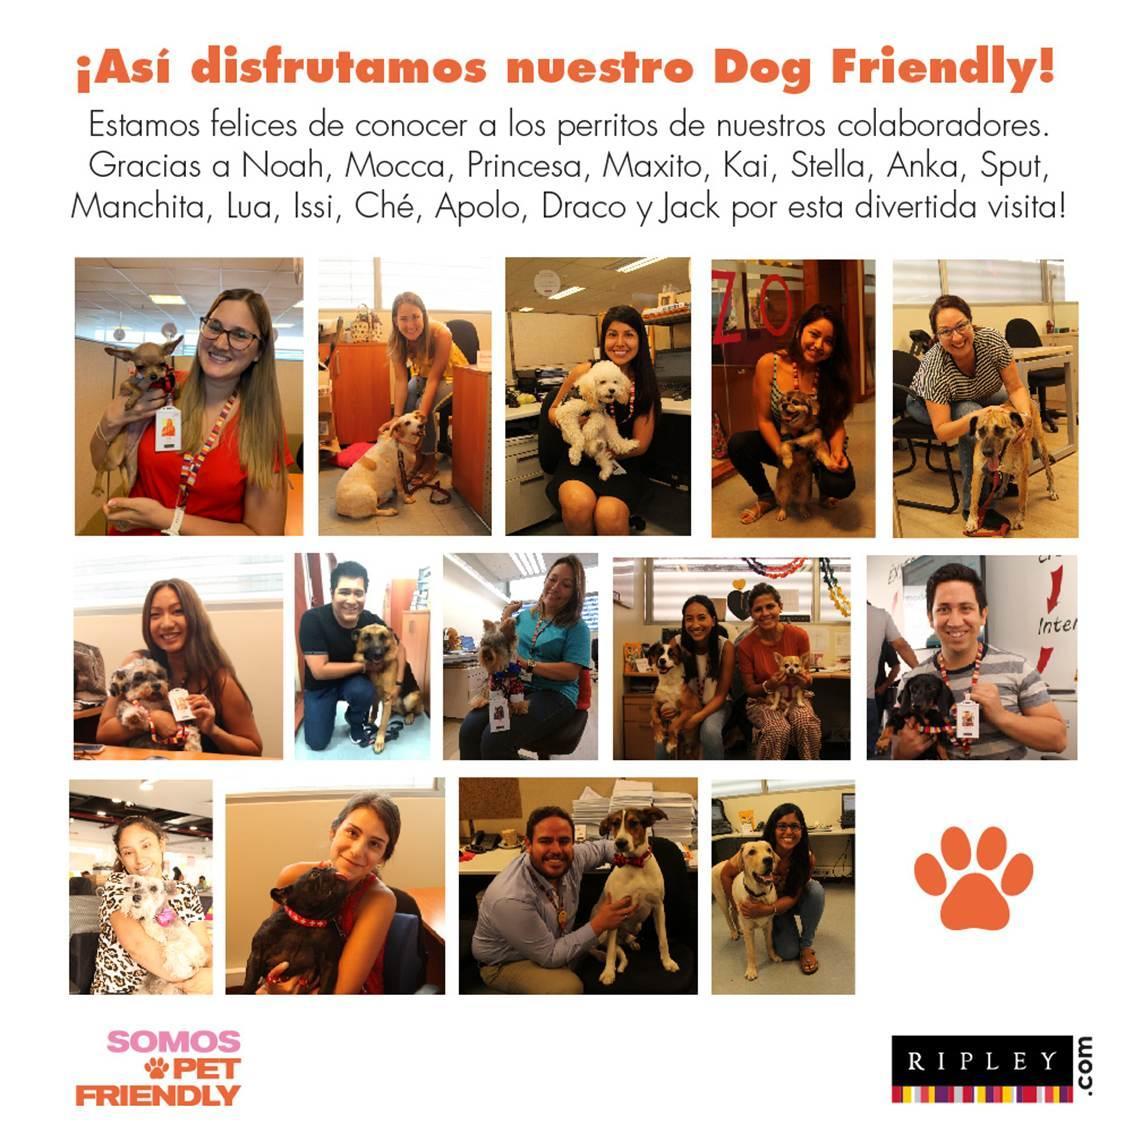 ripley pet friendly 1 - Perú: Ripley recibe en sus oficinas a los perritos de sus trabajadores